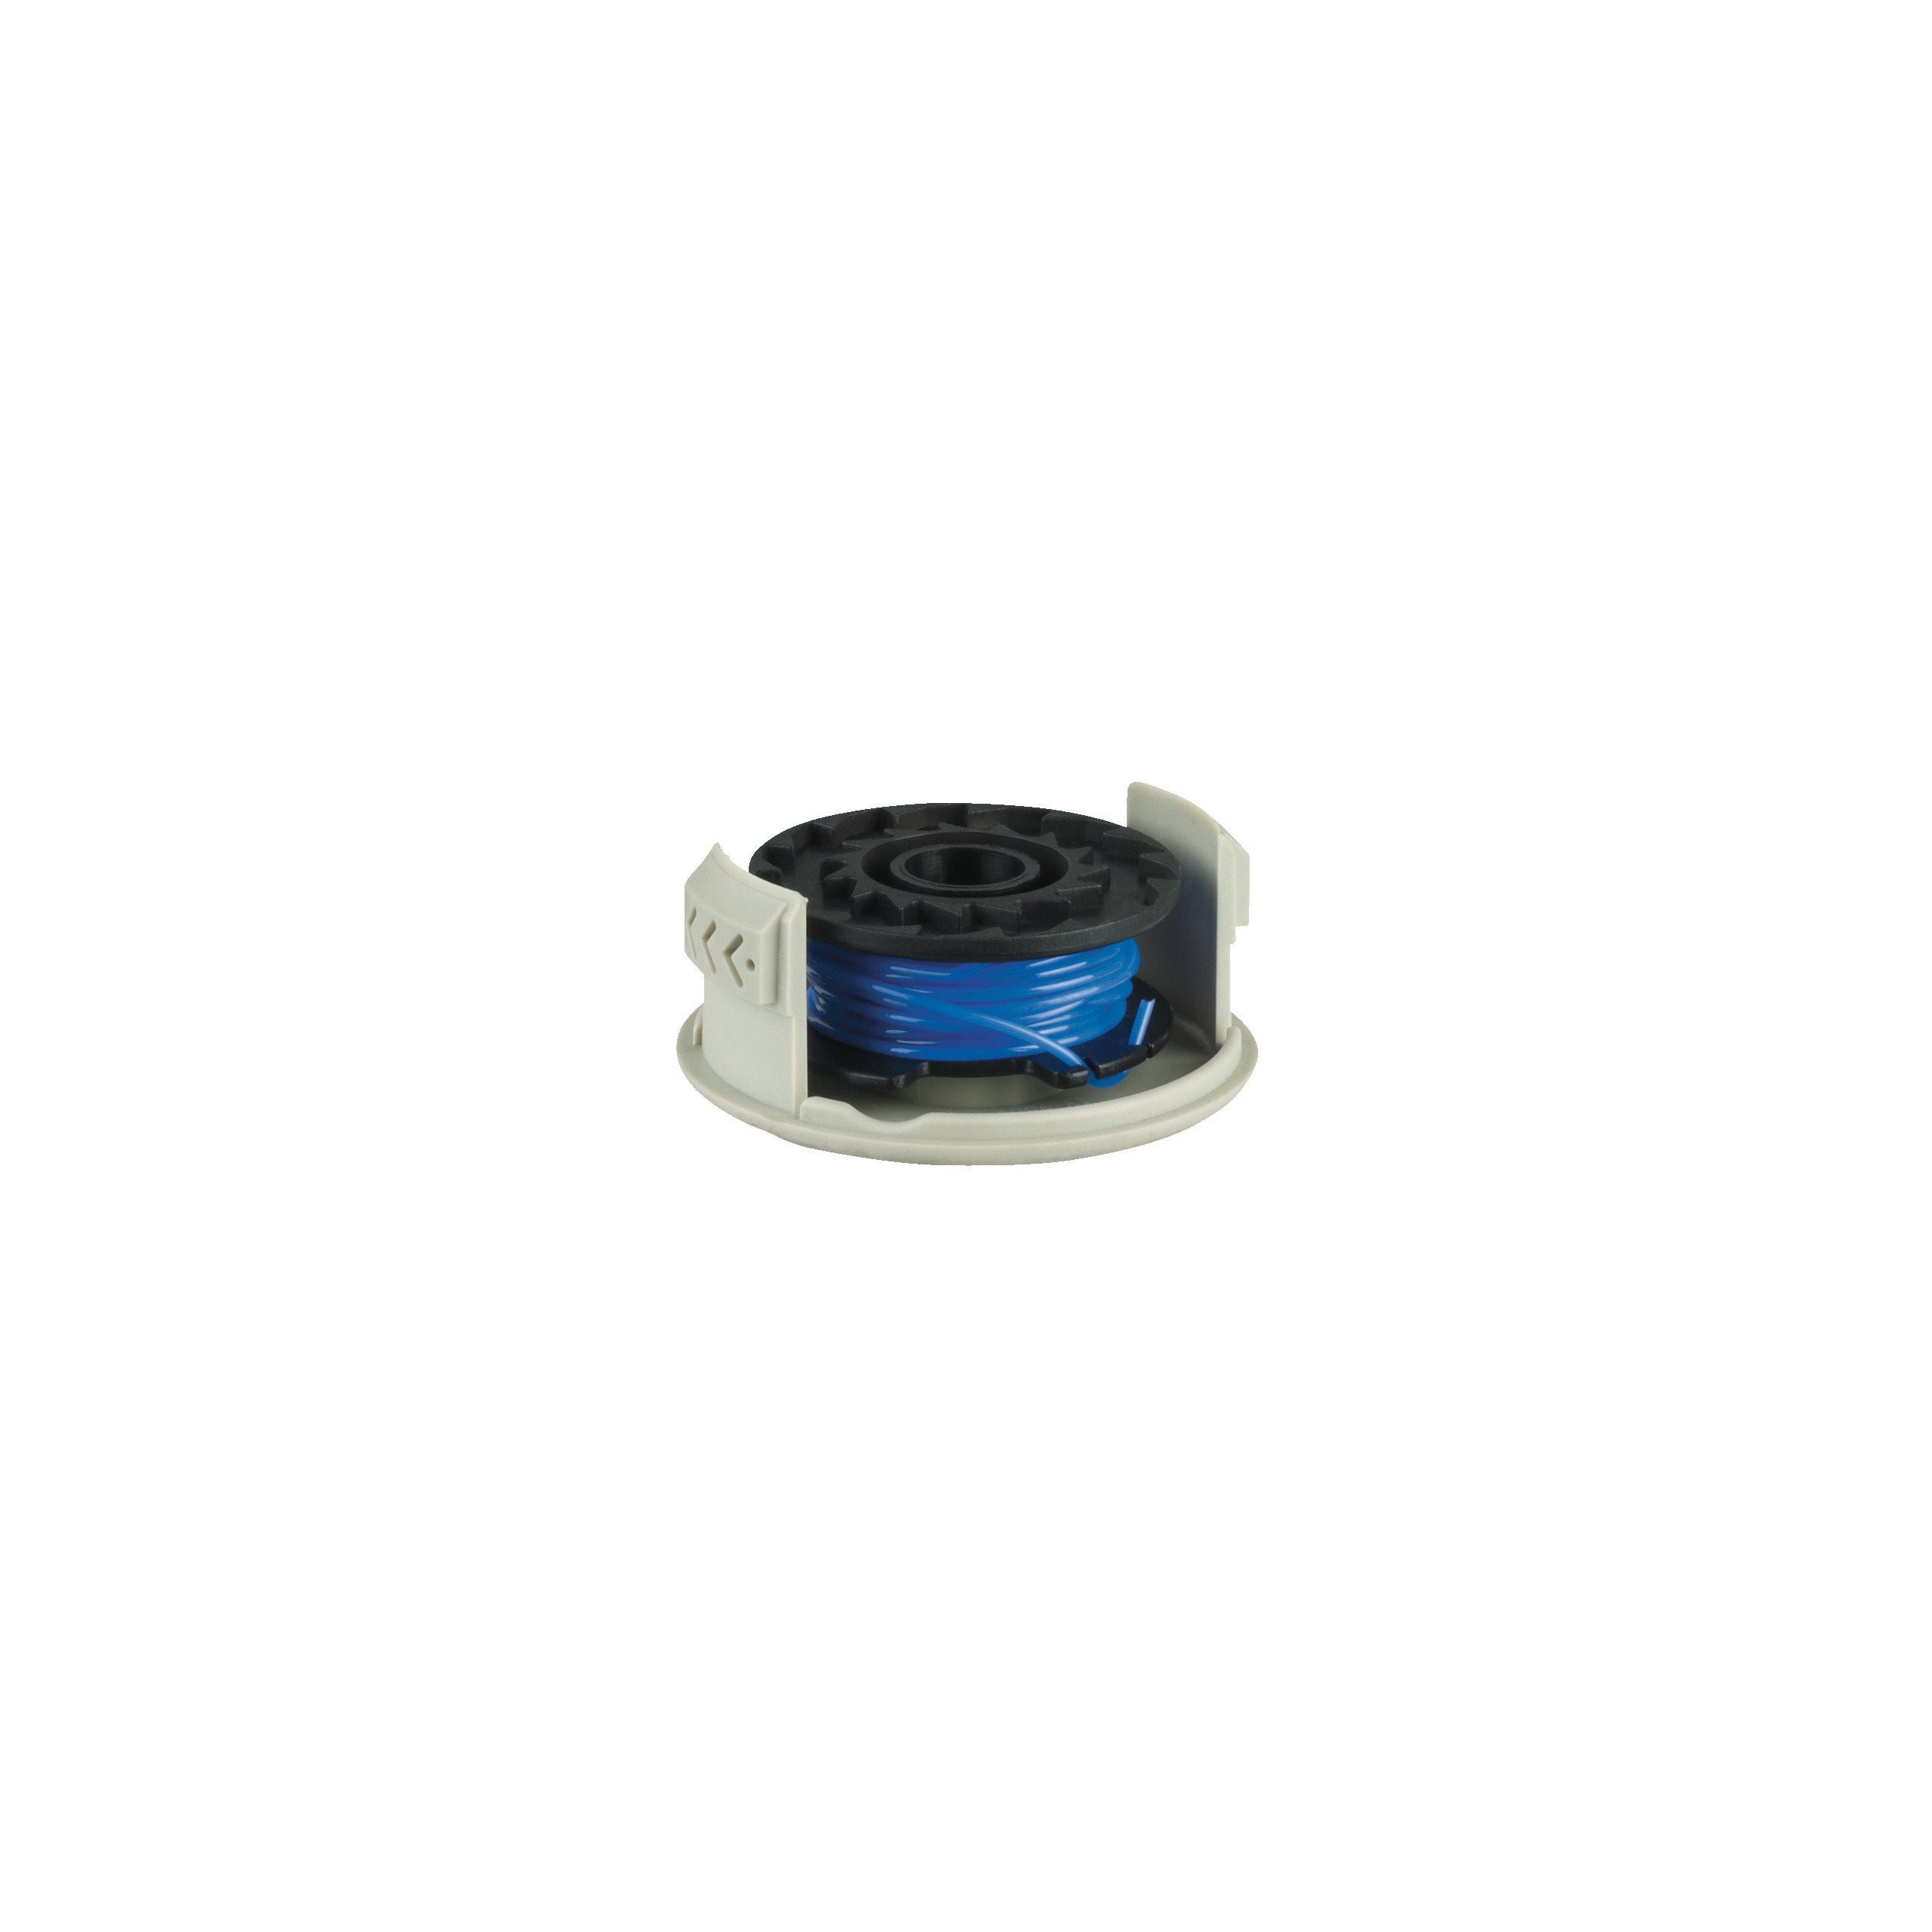 Cívka a kryt do 18V ONE+™ akumulátorové strunové sekačky s 1.6mm strunou